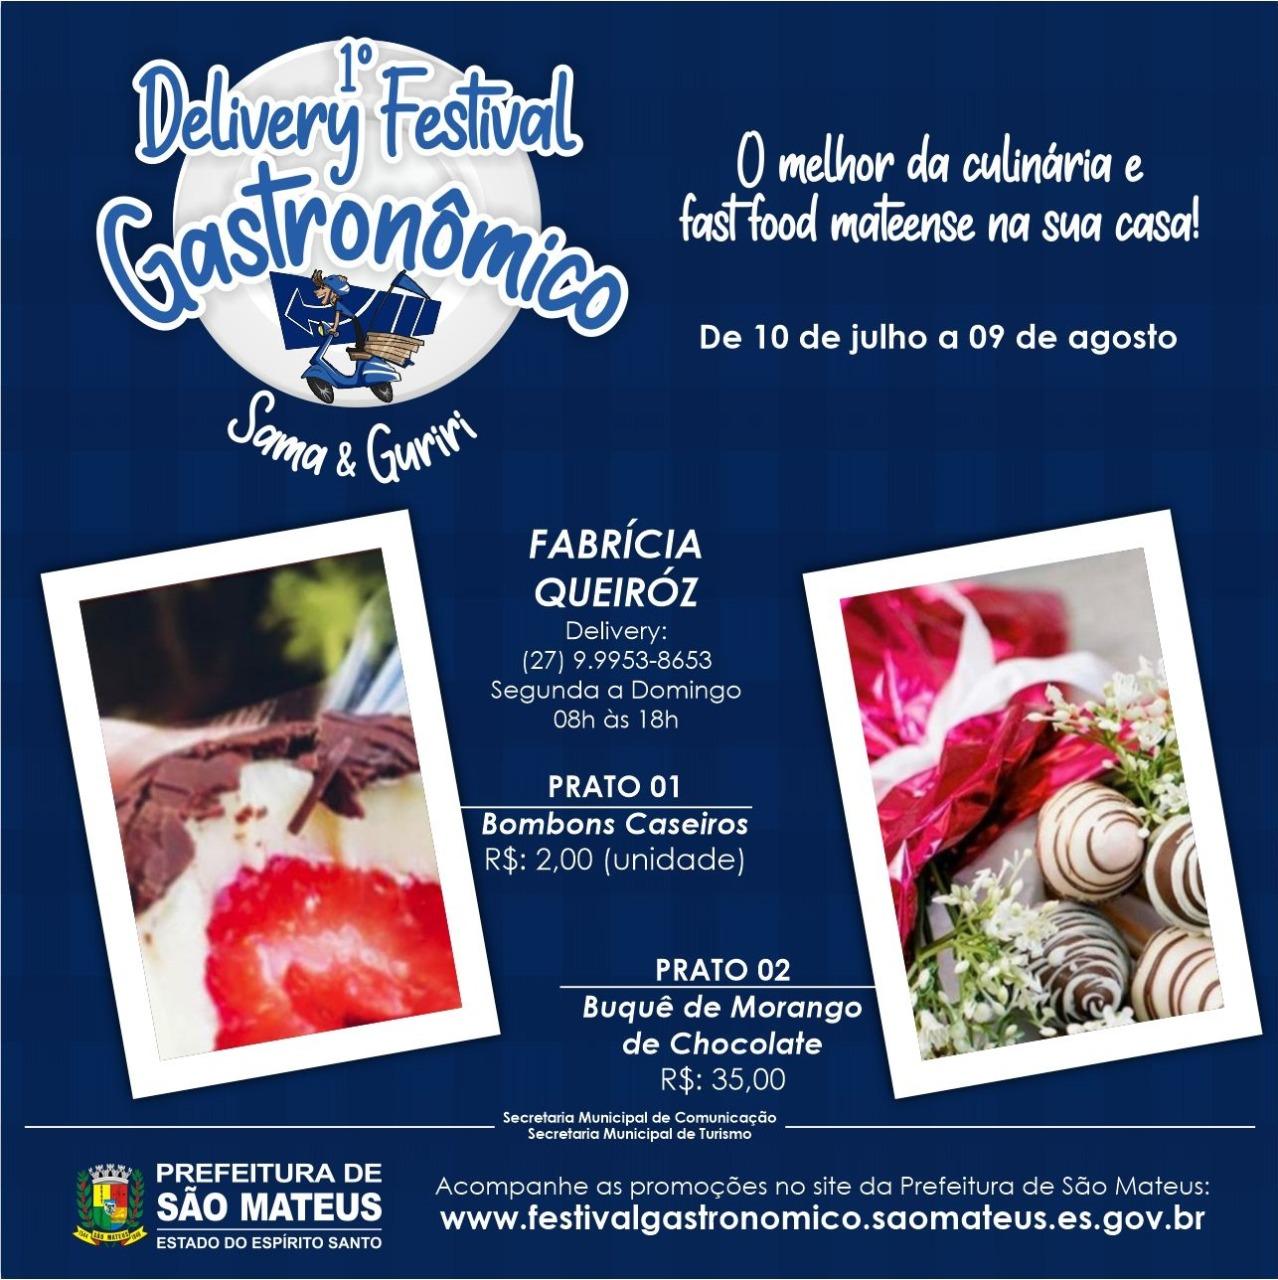 Delivery Festival Sama & Guriri O MELHOR DA GASTRONOMIA MATEENSE NA SUA CASA: JÁ ESCOLHEU O SEU PRATO HOJE?